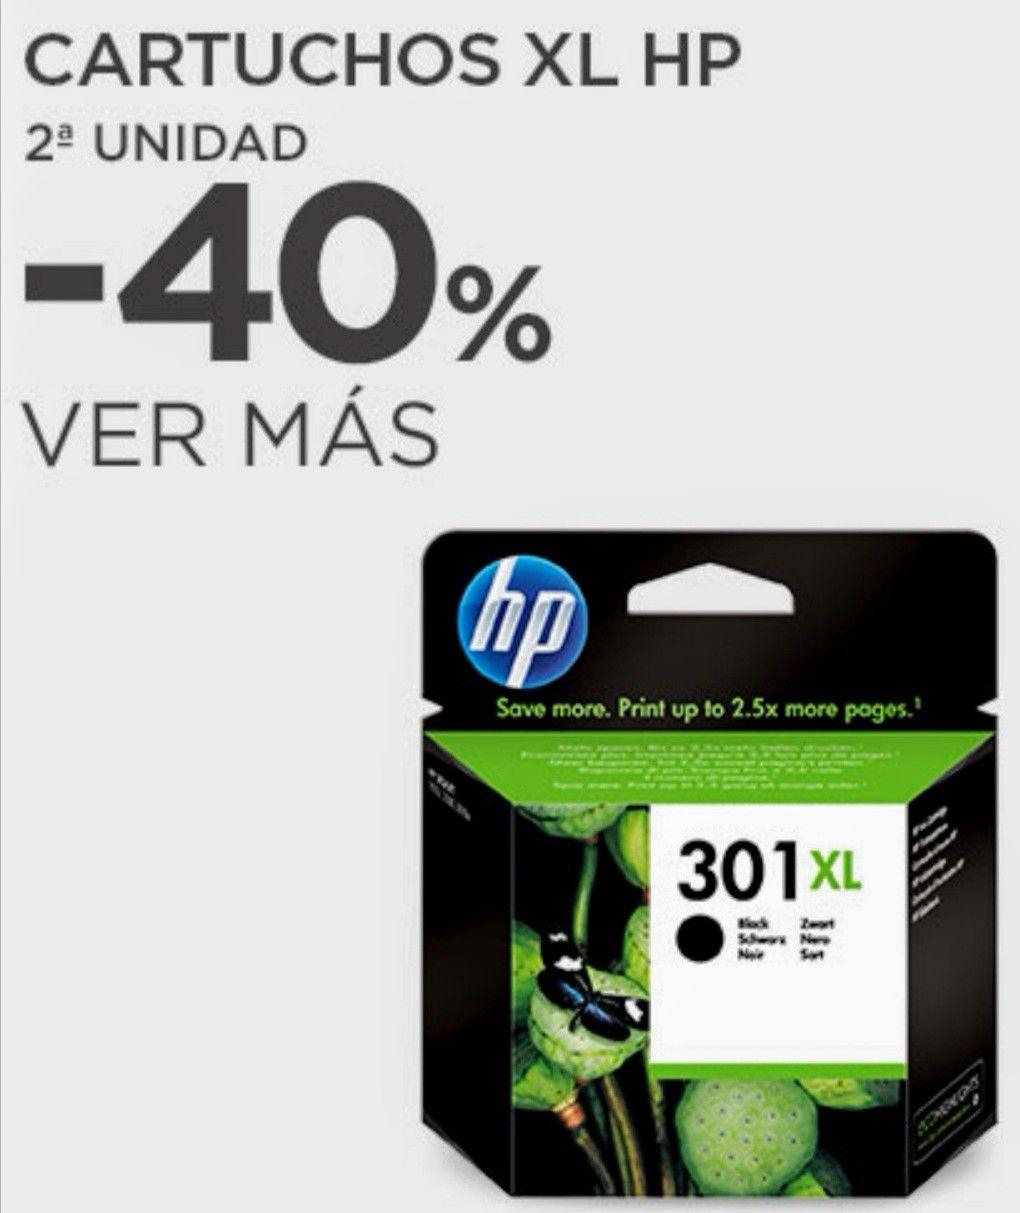 -10% dto + 40% dto. En la segunda unidad en cartuchos de tinta XL HP.